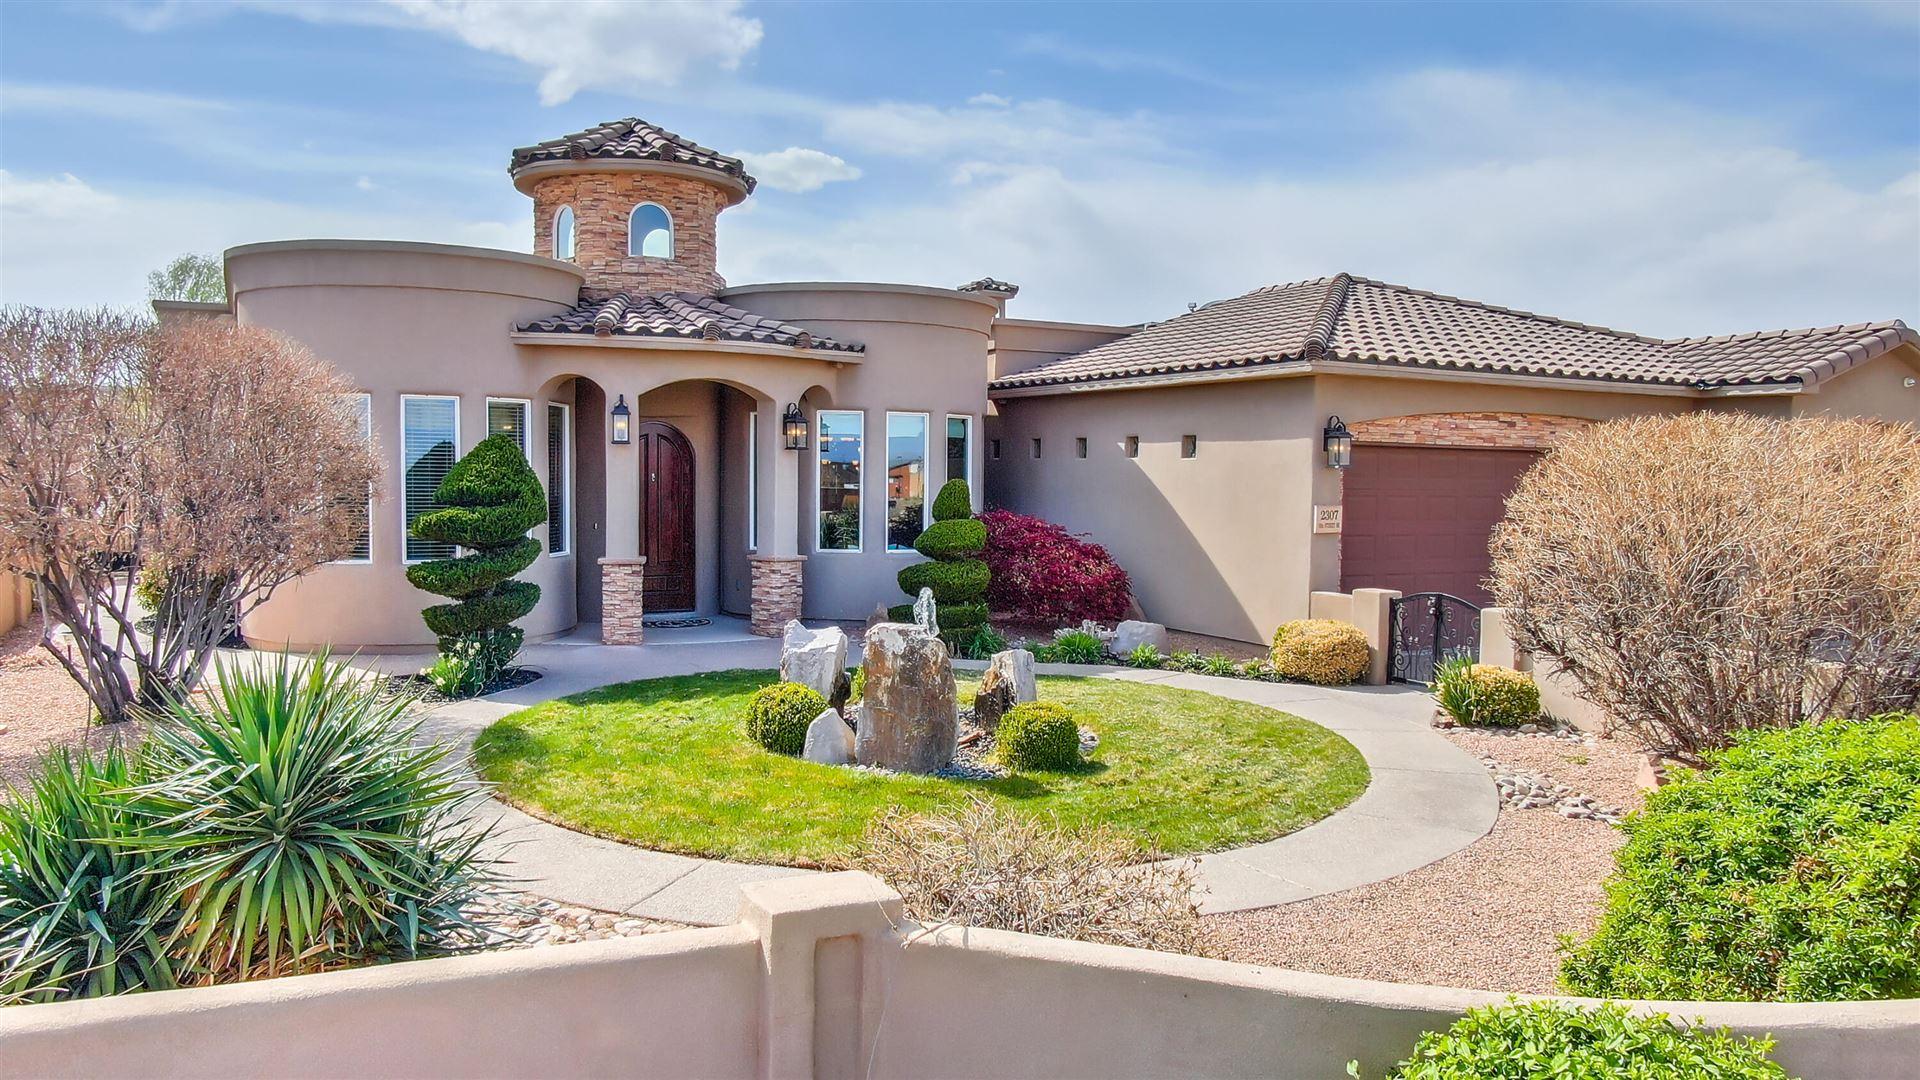 2307 18TH Street SE, Rio Rancho, NM 87124 - MLS#: 989712